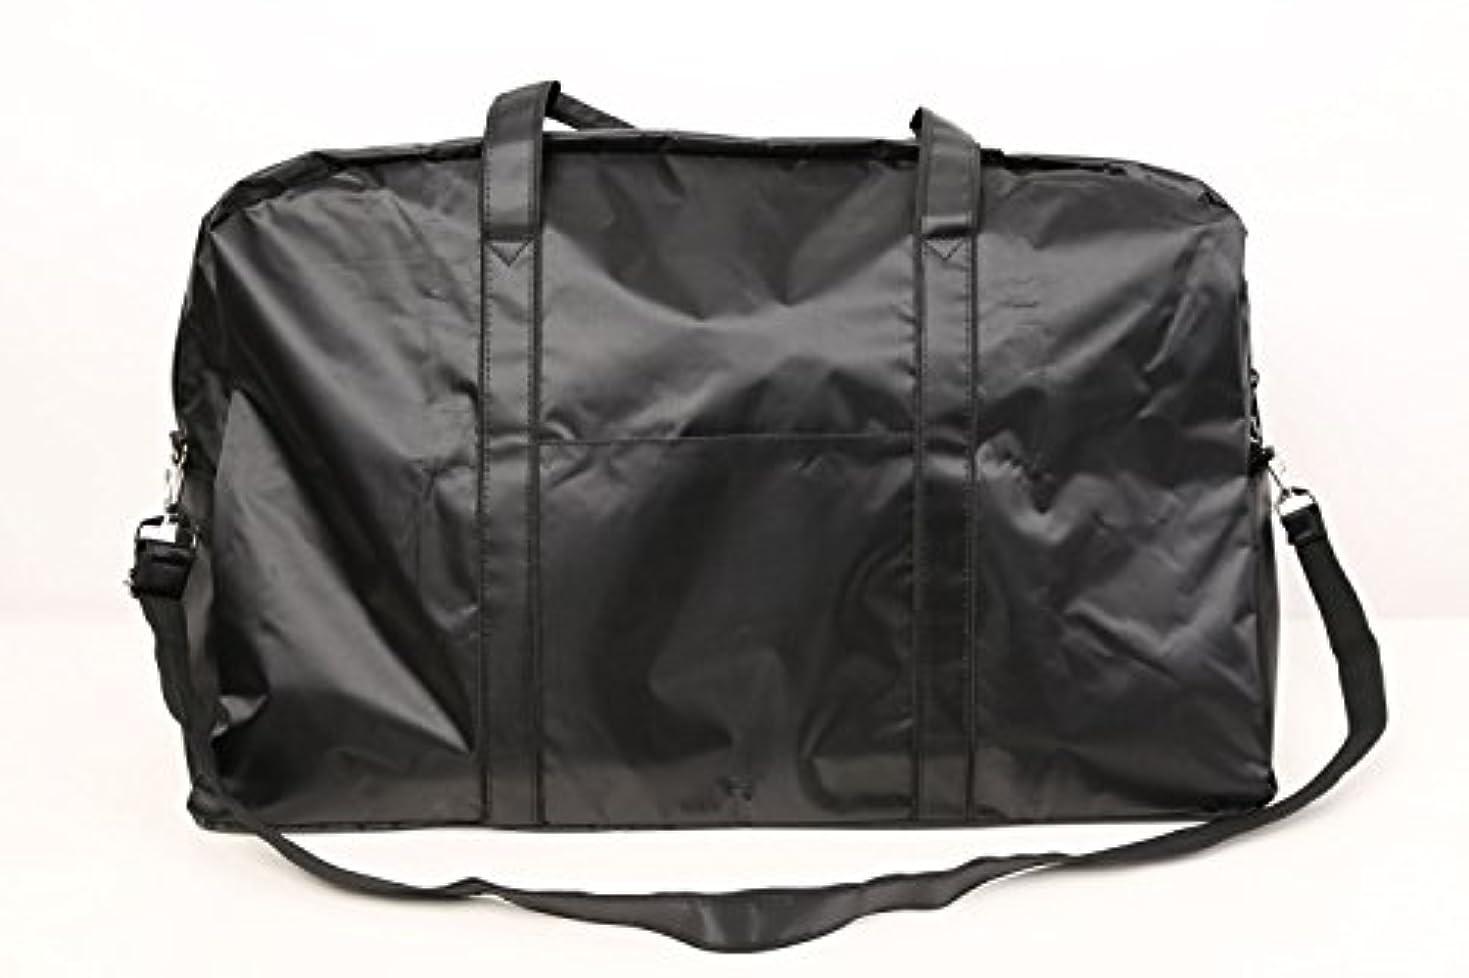 カットウィッグ用バッグ 大容量 軽量 ナイロンバッグ ブラック XRDB-1